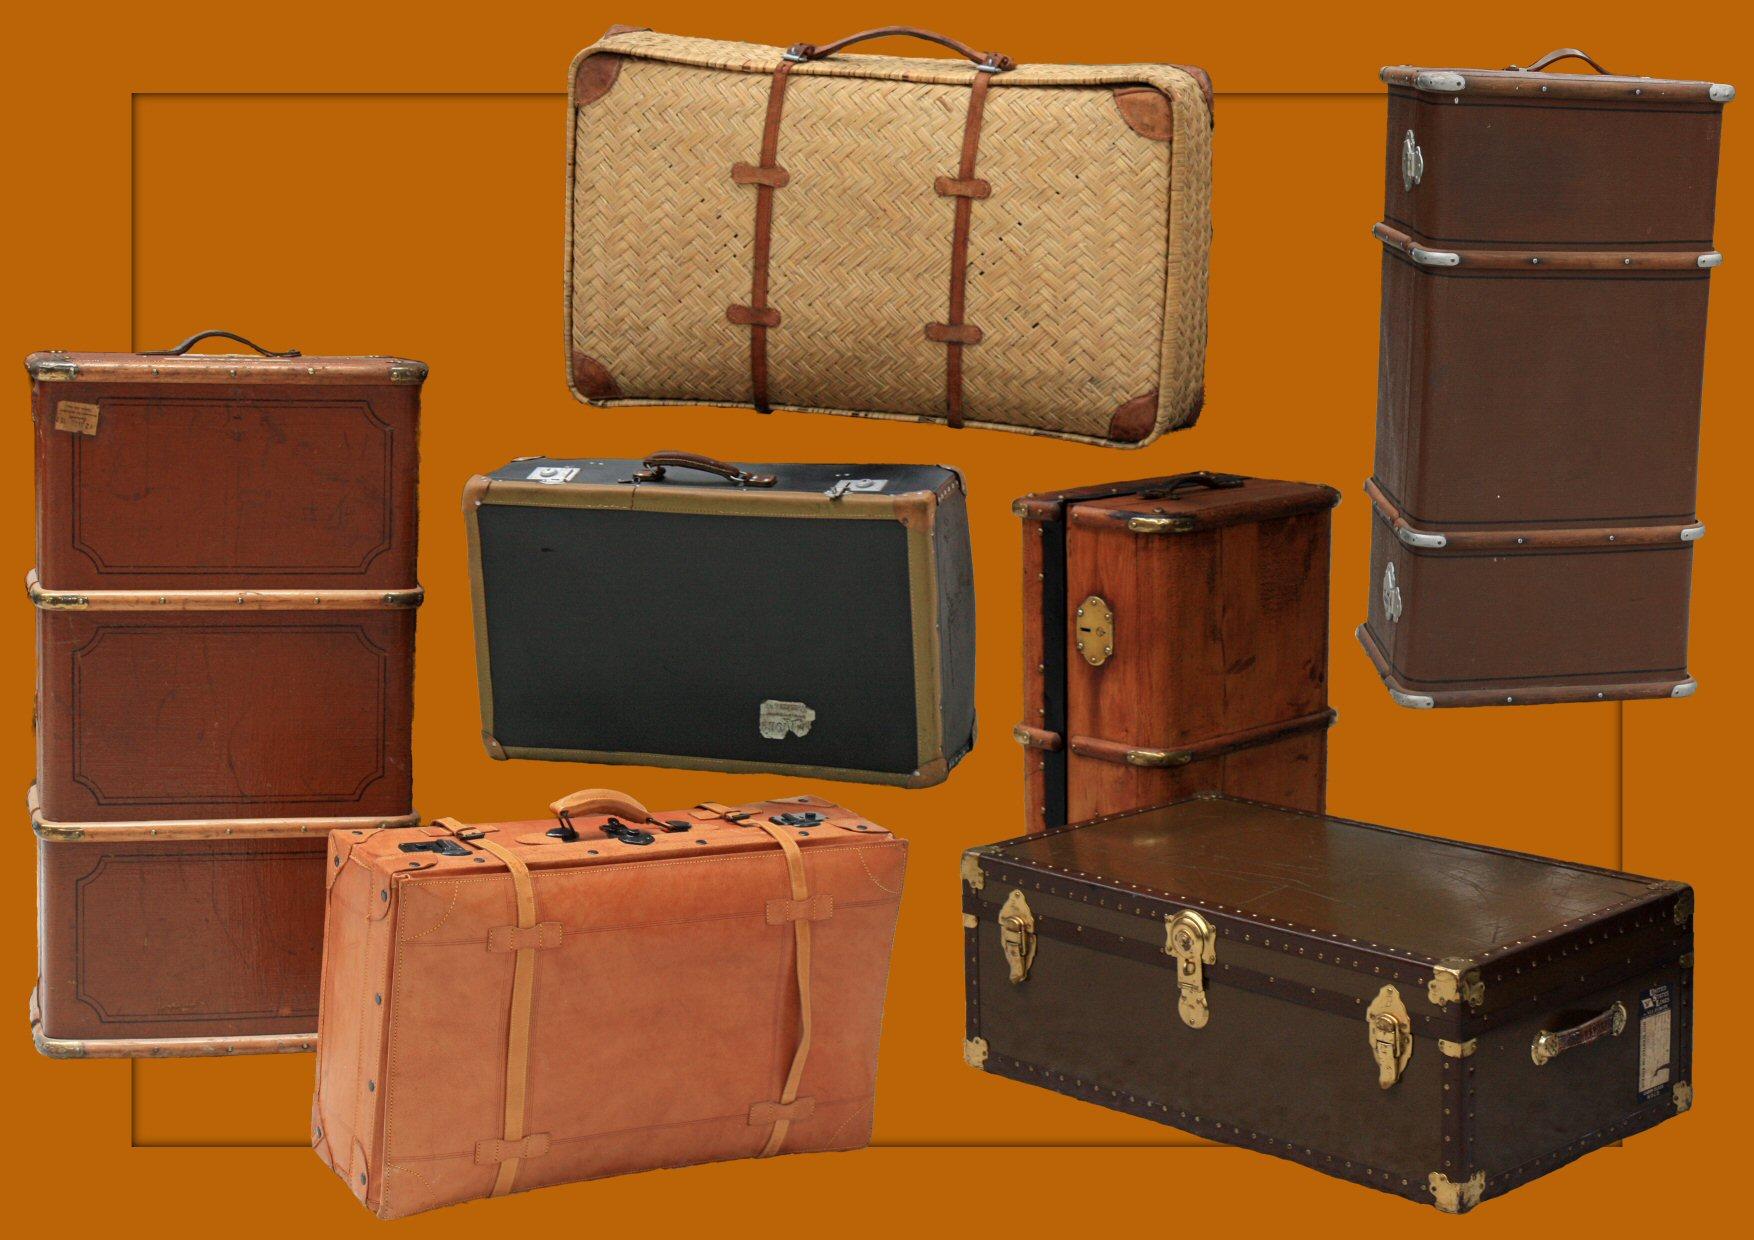 luggage_2_psd_files